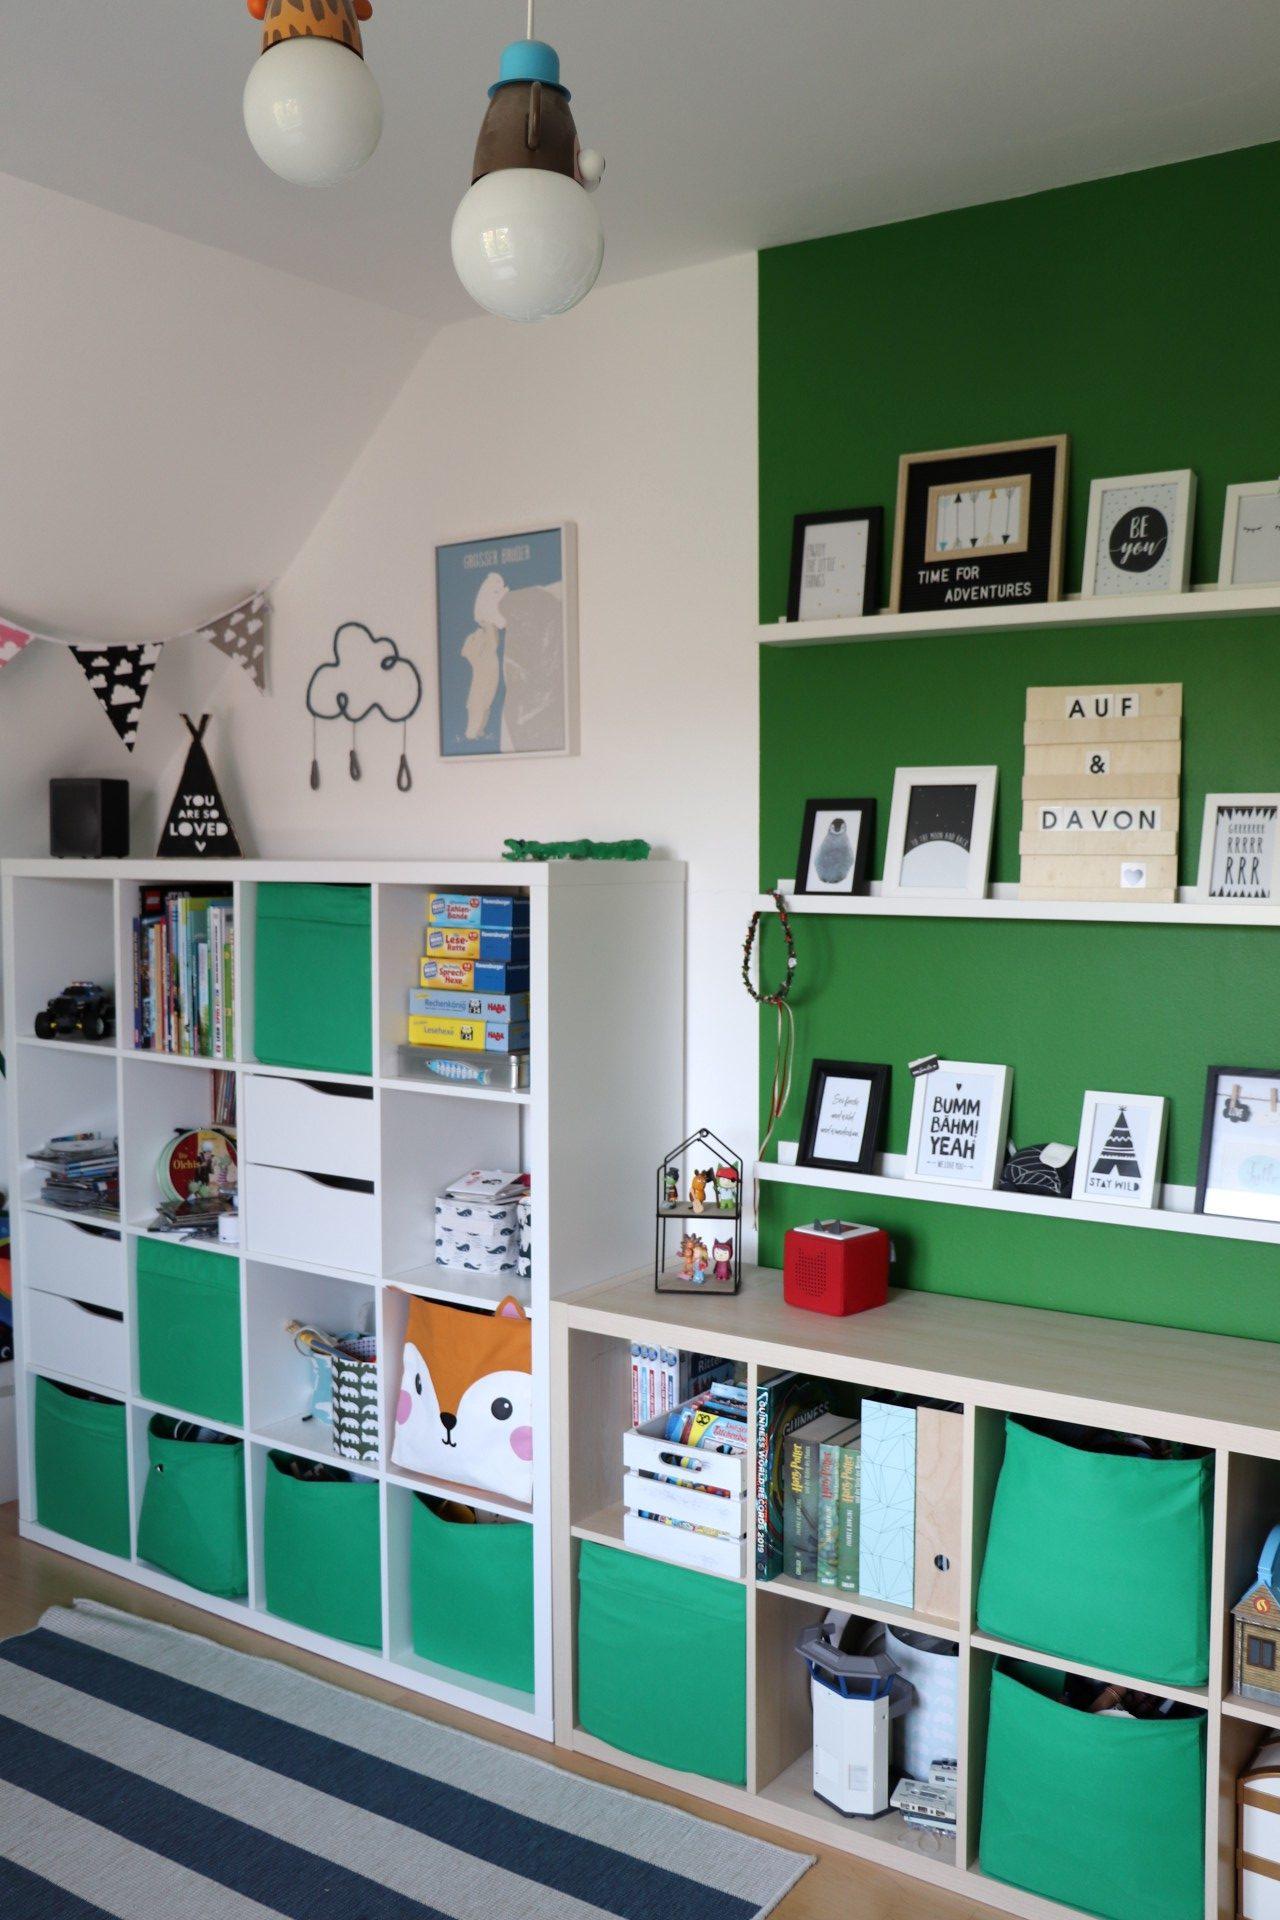 Full Size of Kinderzimmer Einrichtung Einrichten Jungen Lavendelblog Regal Weiß Regale Sofa Kinderzimmer Kinderzimmer Einrichtung